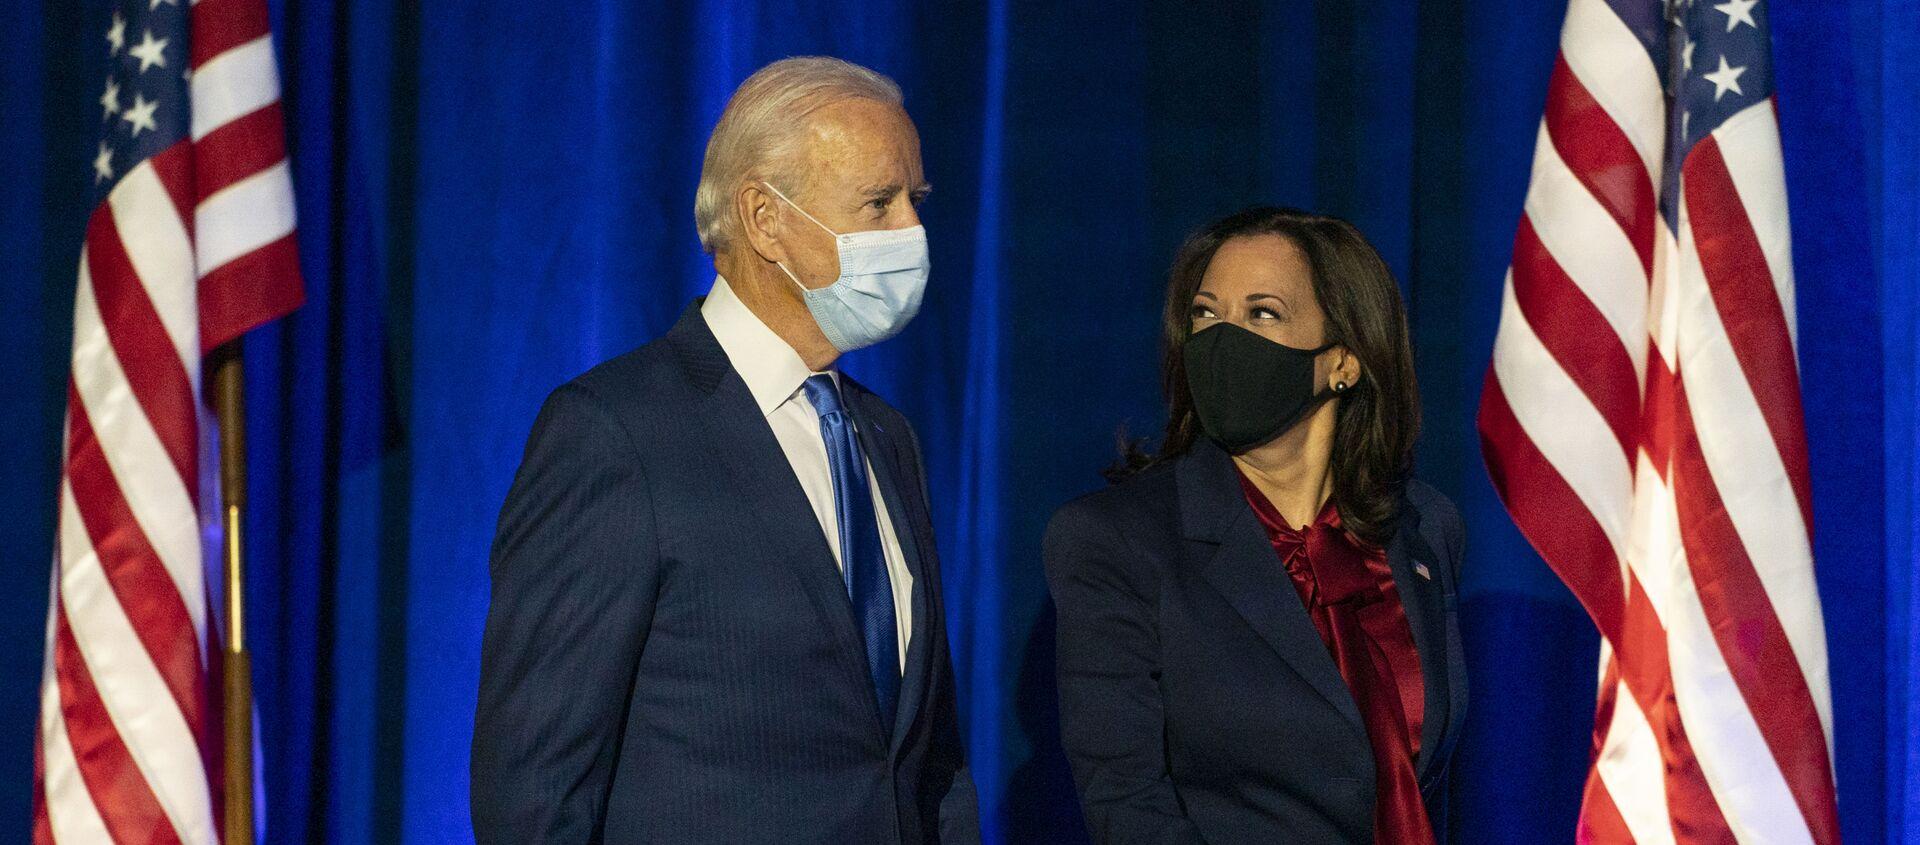 Joe Biden et Kamala Harris - Sputnik France, 1920, 19.03.2021